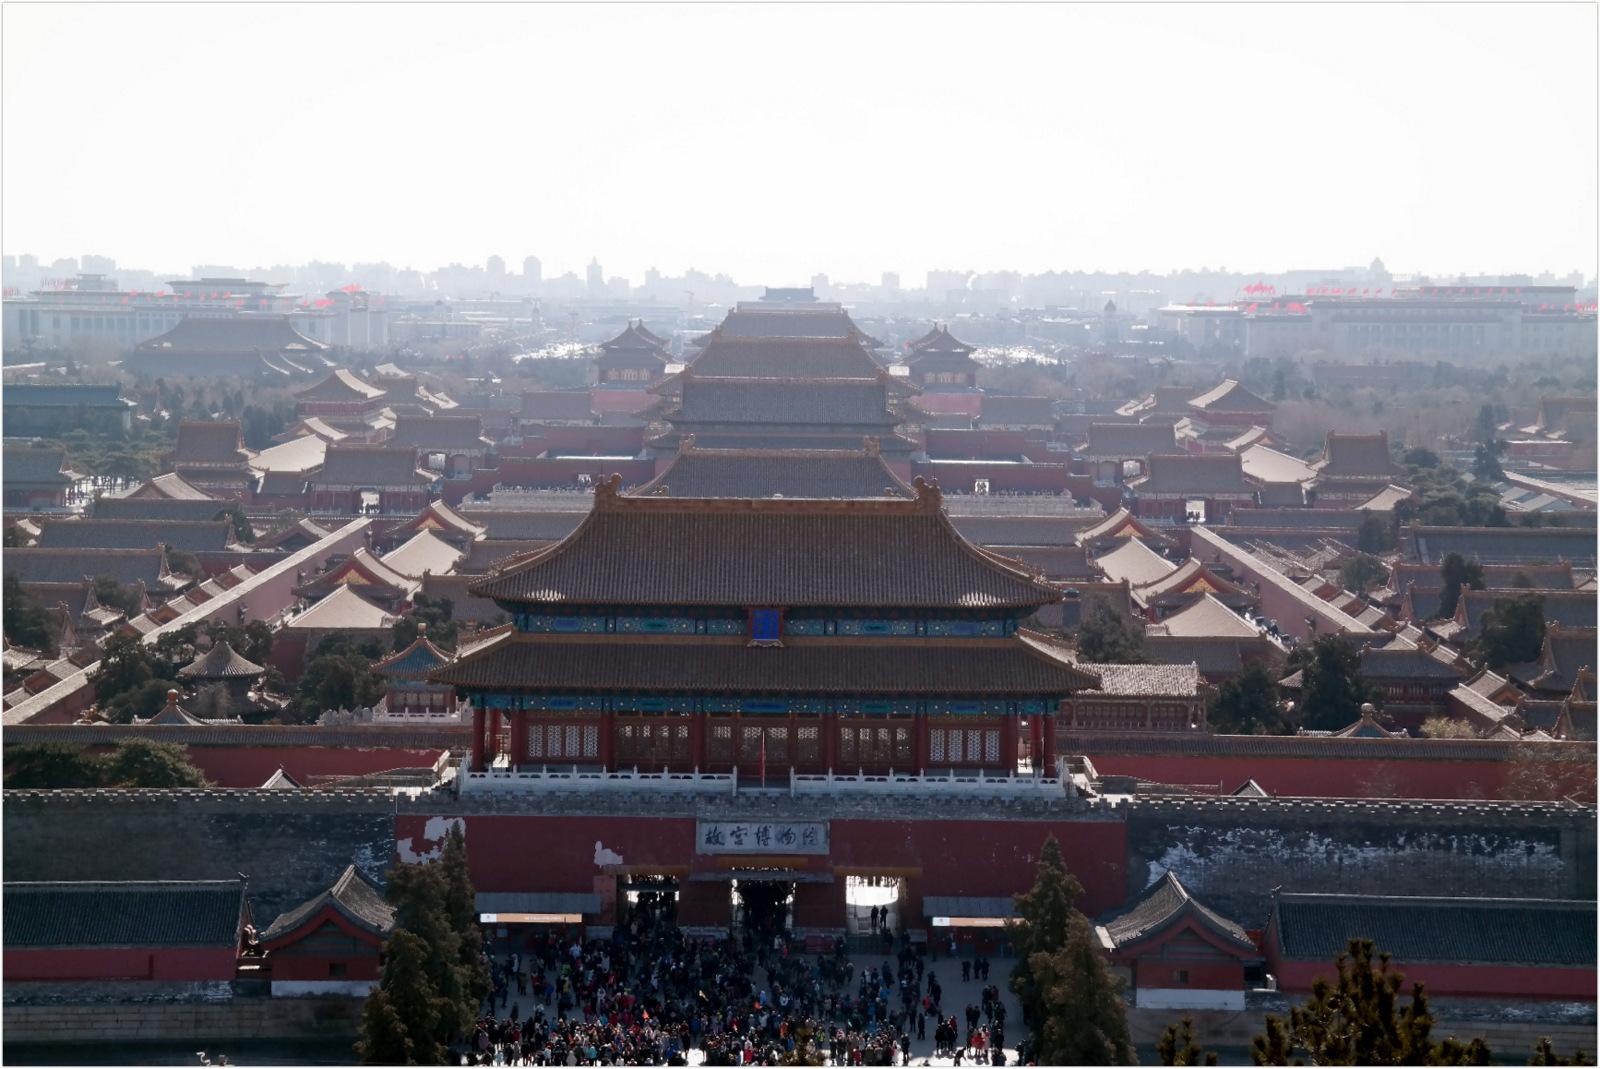 Beijing - View on Fobidden city